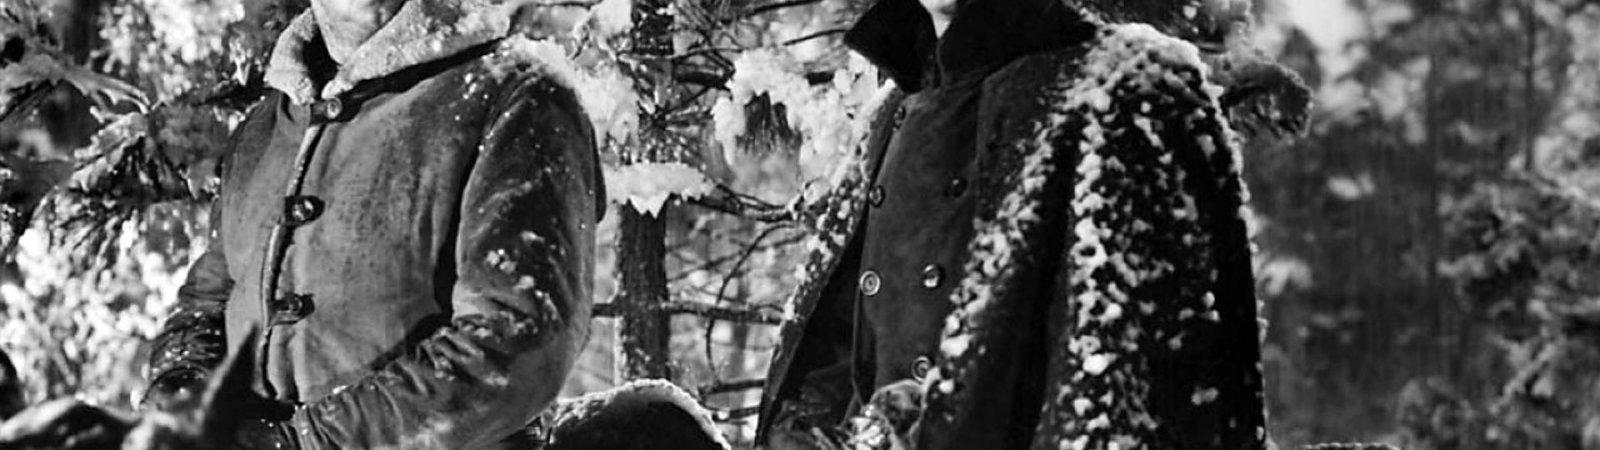 Photo dernier film Charles McGraw